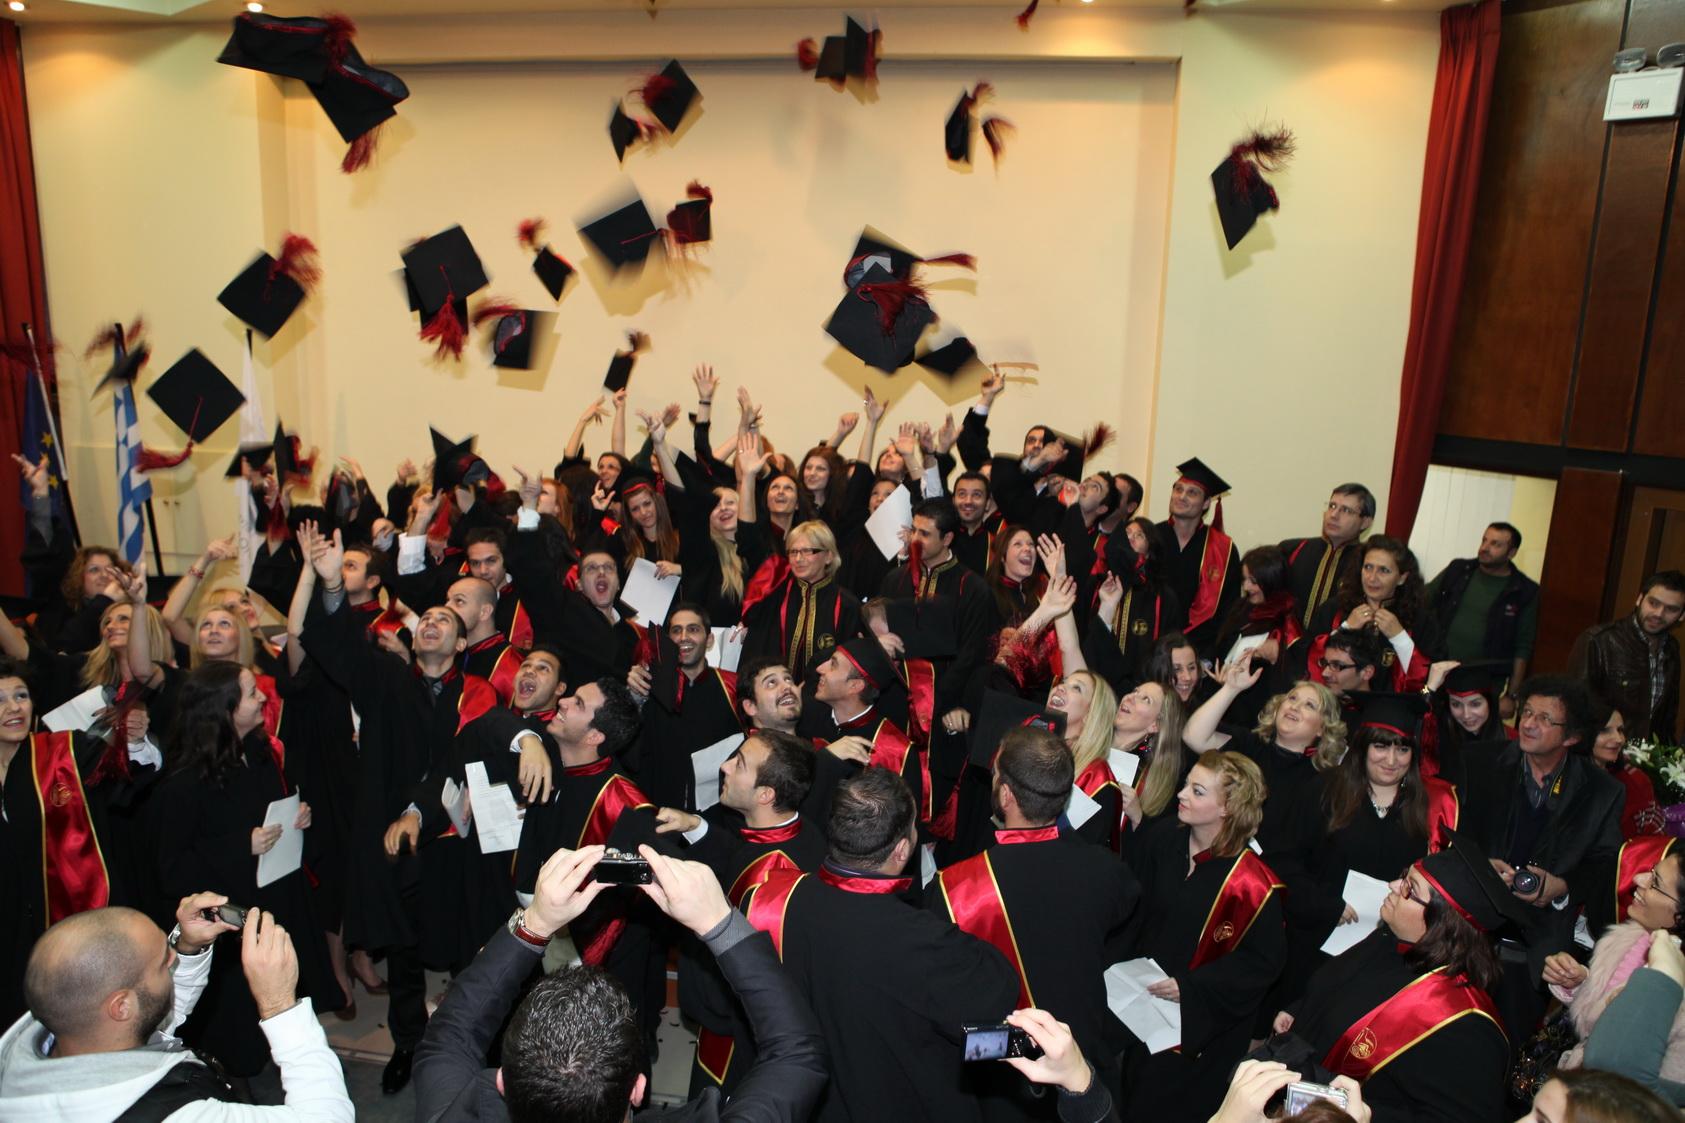 Τελετή ορκωμοσίας των αποφοίτων των Τμημάτων της Σχολής Διοίκησης & Οικονομίας του ΤΕΙ Δυτ. Μακεδονίας